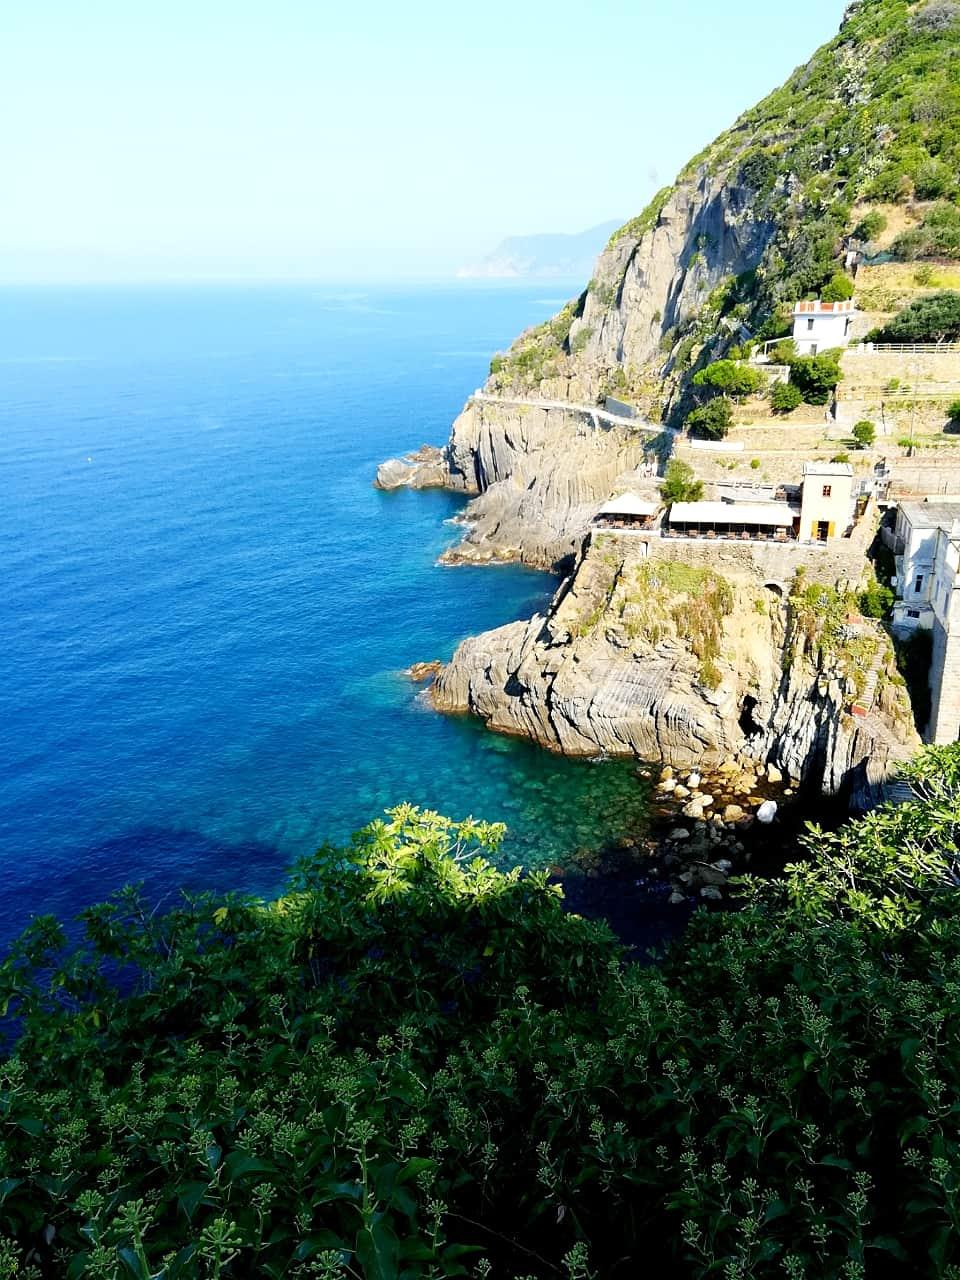 チンクエ・テッレ(Cinque Terre)のリオマッジョーレ (Riomaggiore)